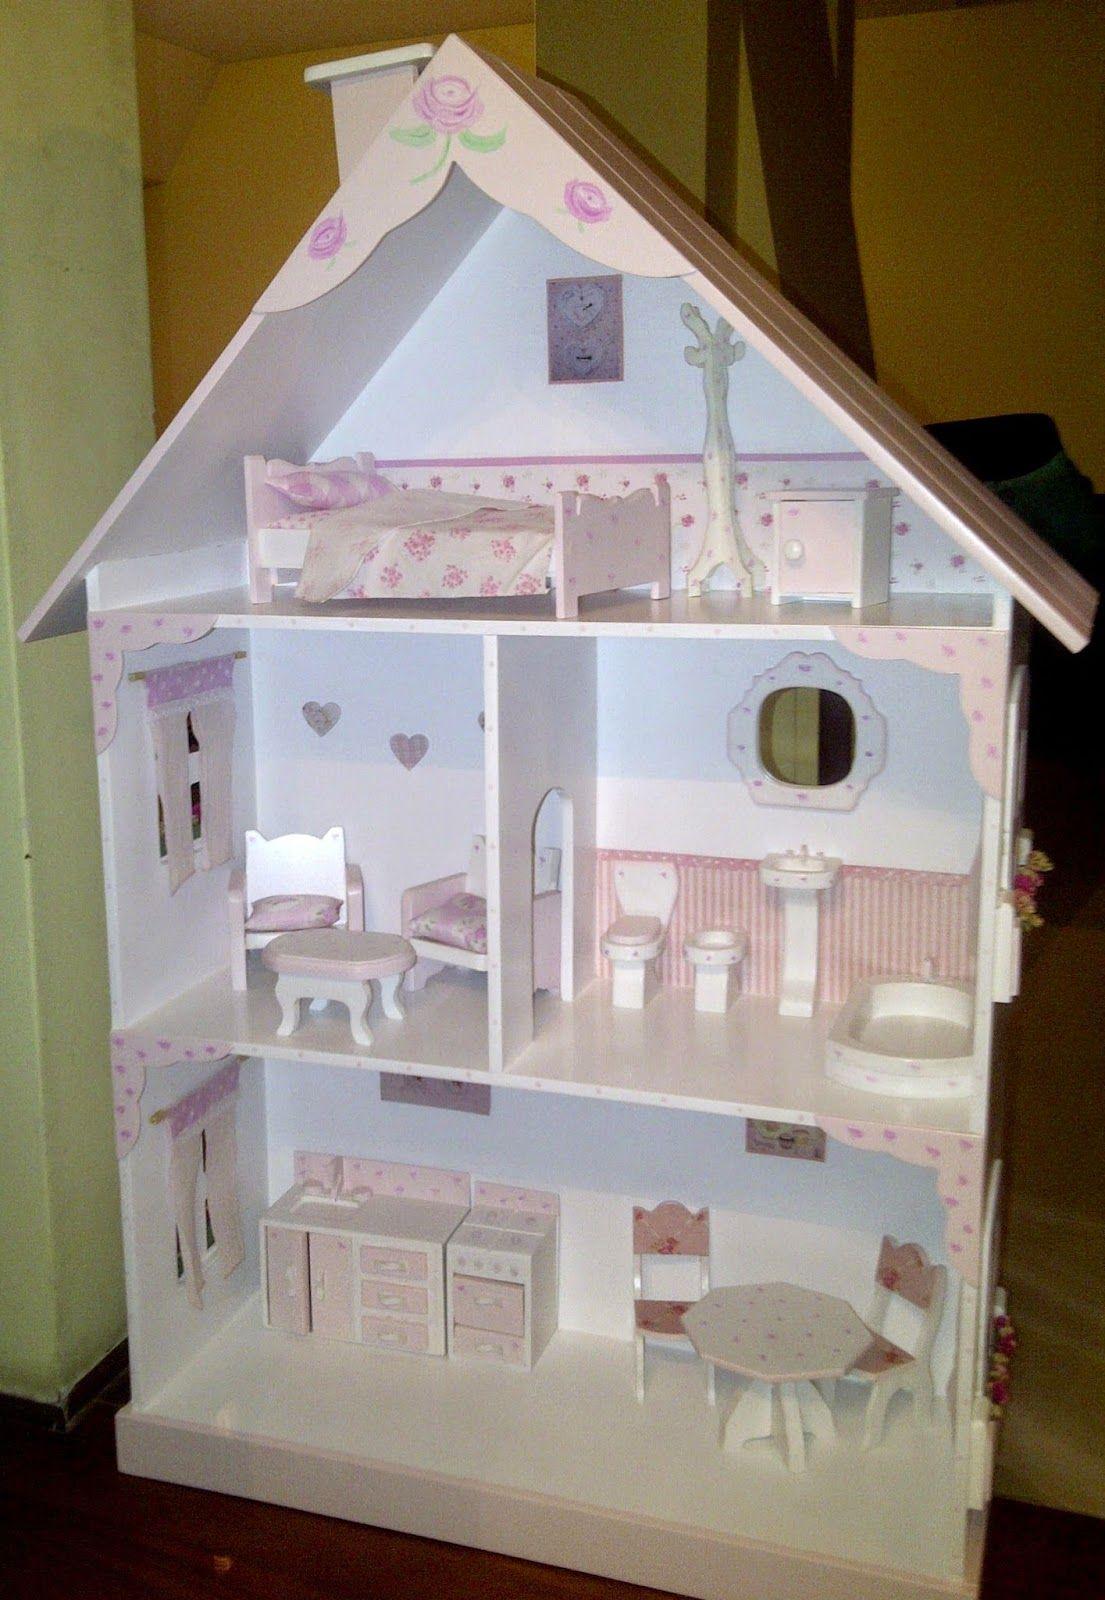 Diseño Y Decoración De Interiores Casita De Muñecas Shabby Chic Casa De Muñecas Casa De Muñecas De Madera Muebles De Palillos